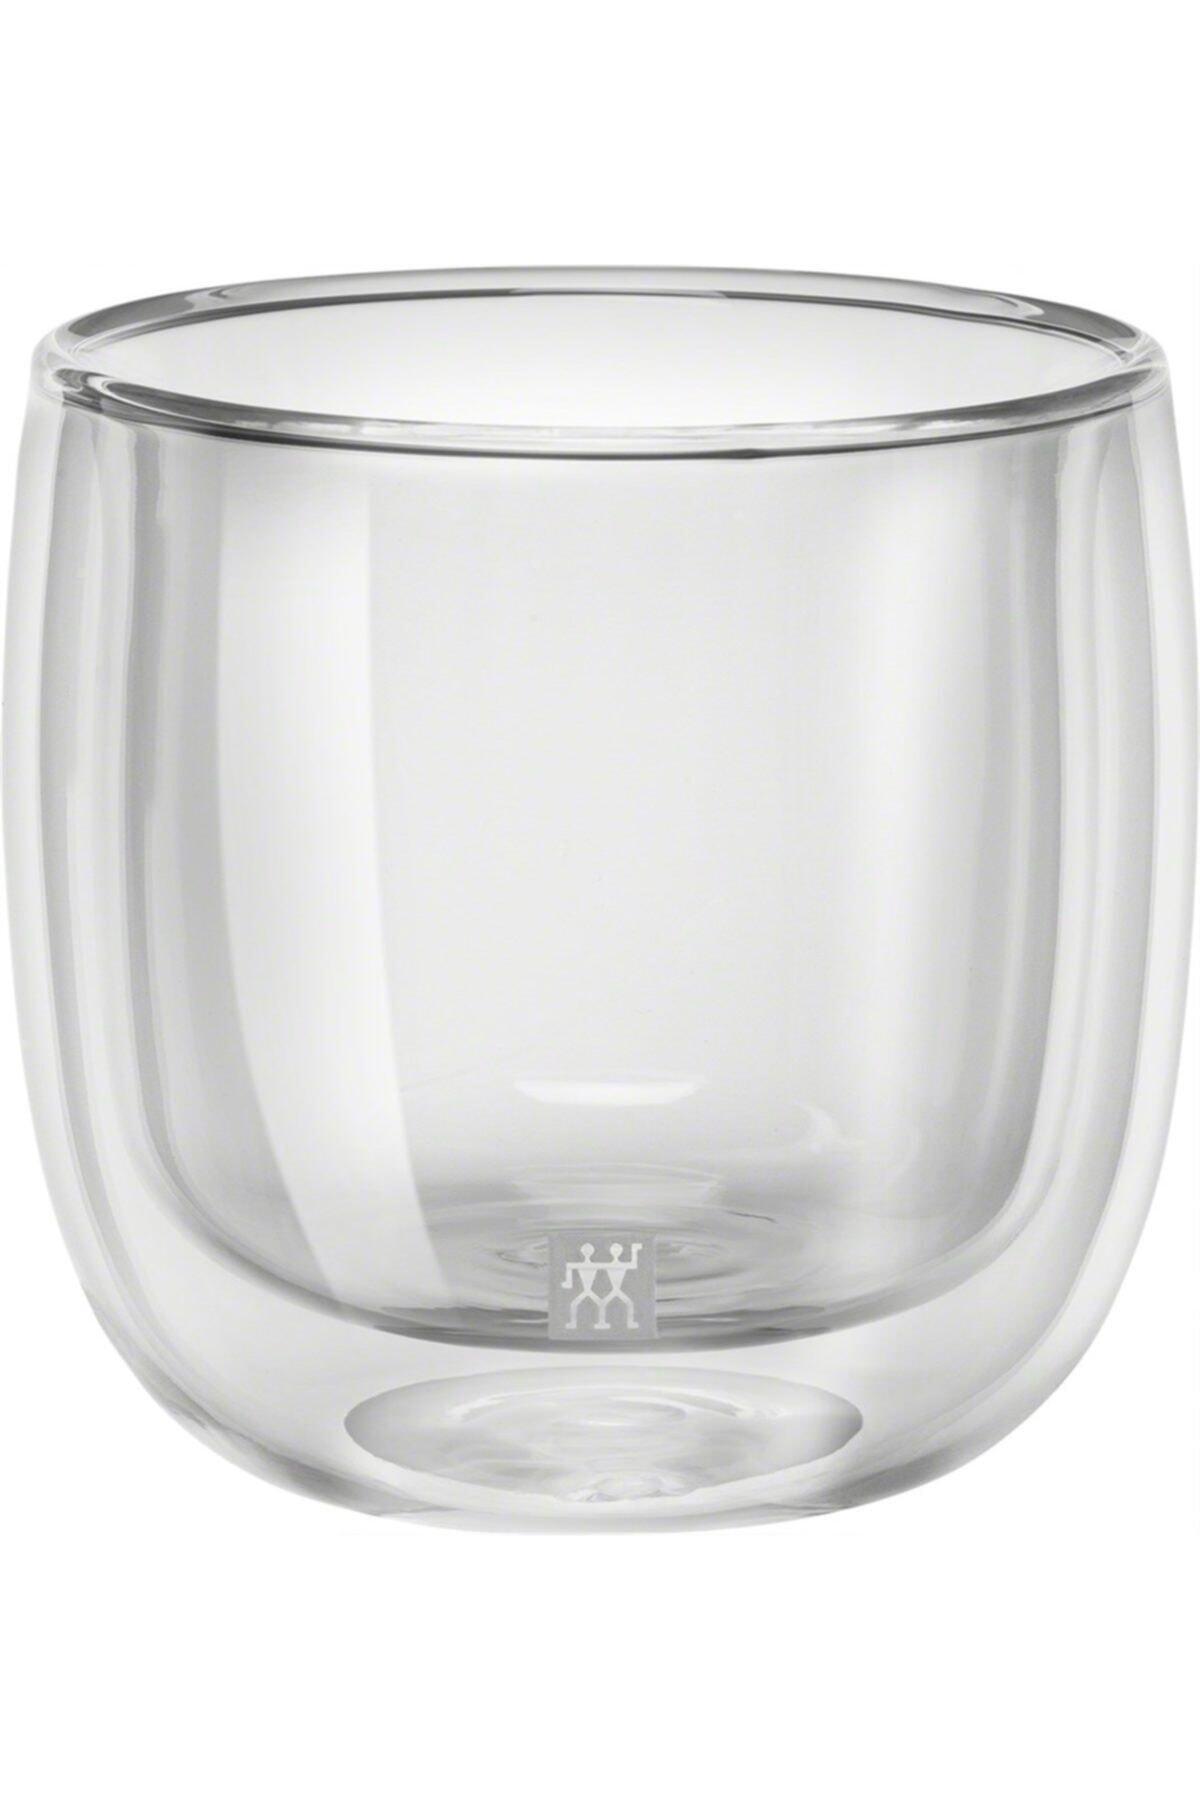 ZWILLING Sorrento Çift Camlı 2'li Çay Bardağı Seti 240 ml 395000770 1